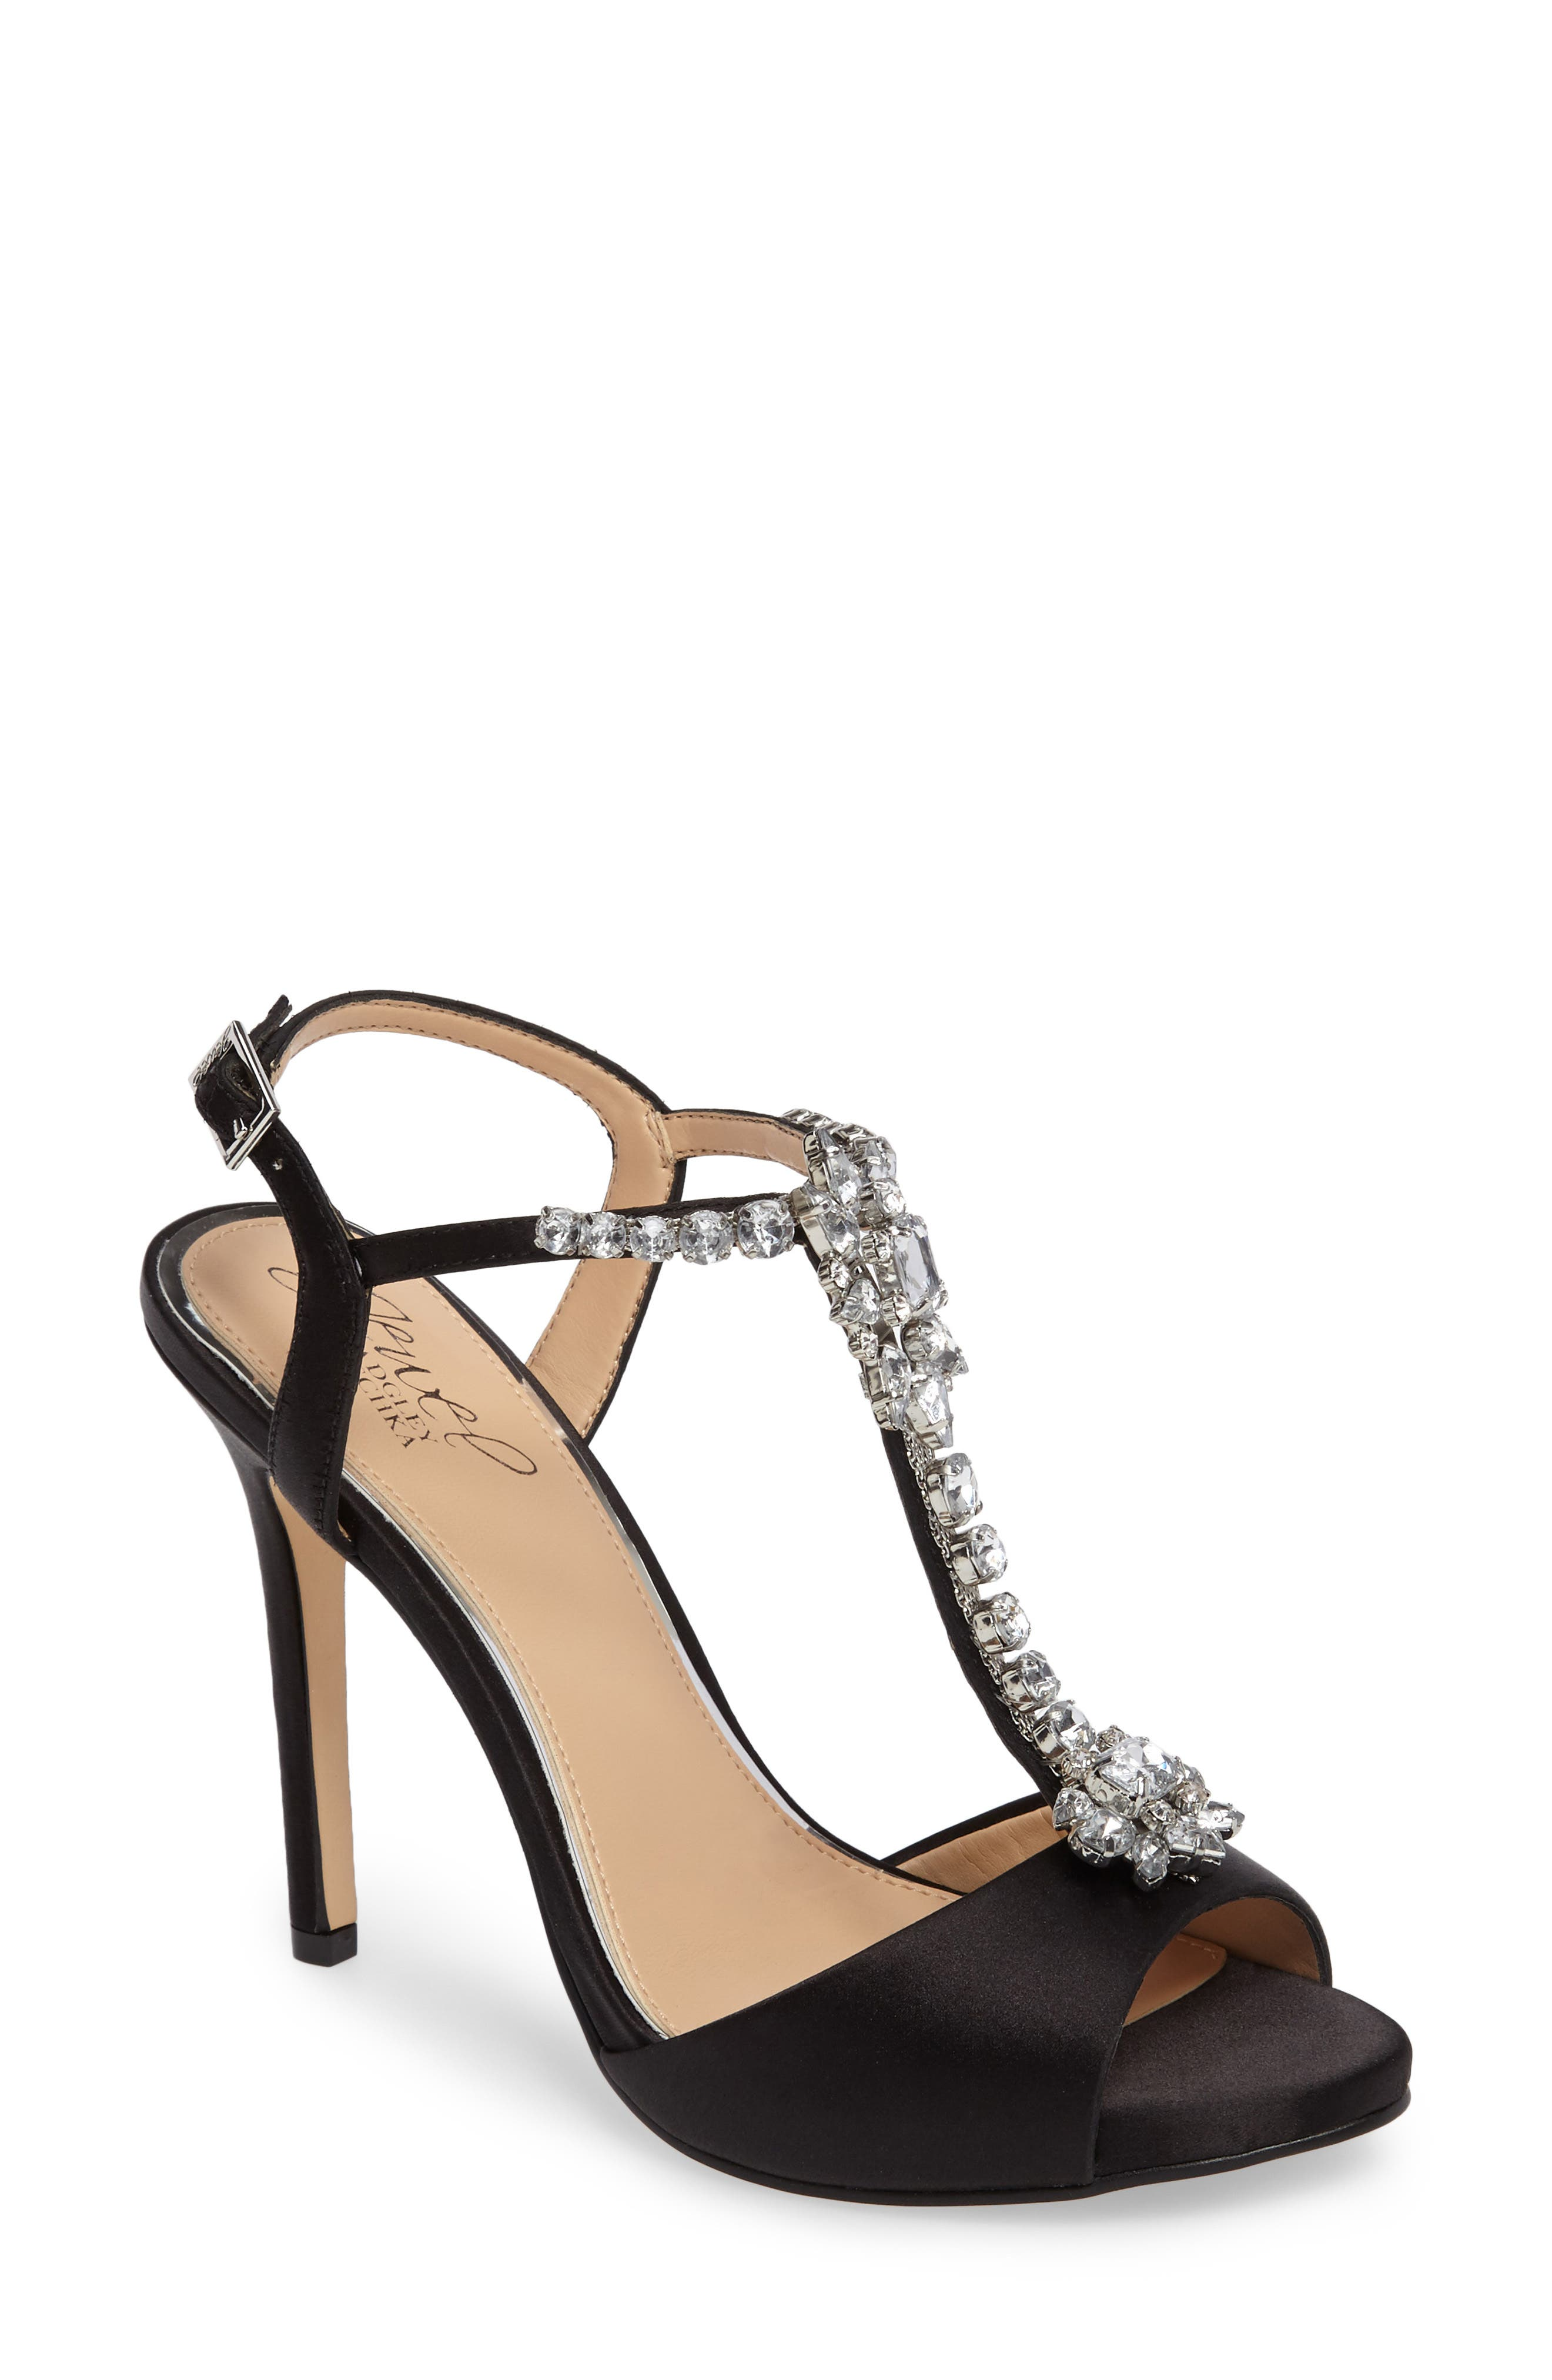 Leeane T-Strap Sandal,                             Main thumbnail 1, color,                             Black Satin